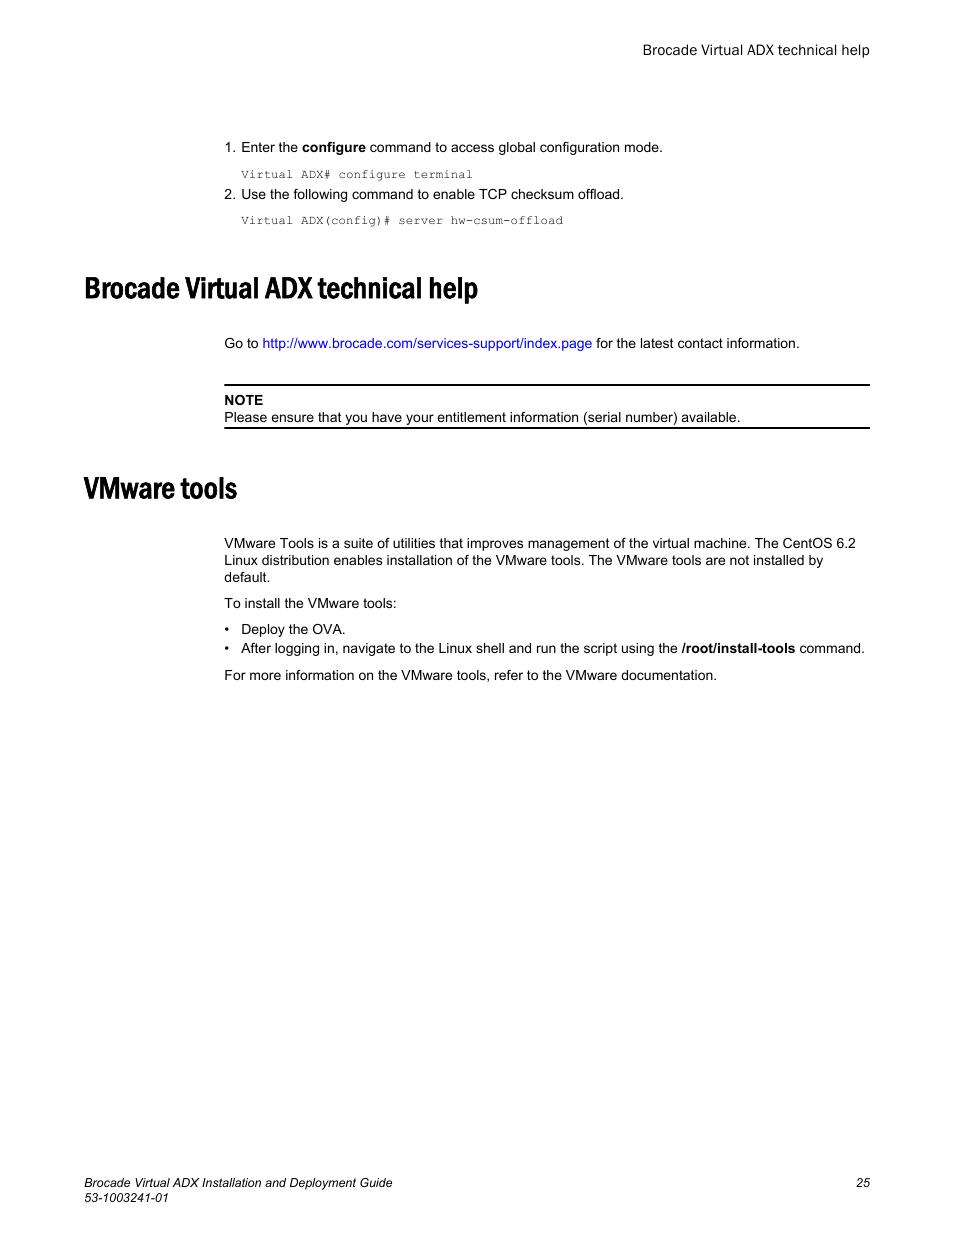 Brocade virtual adx technical help, Vmware tools, Brocade